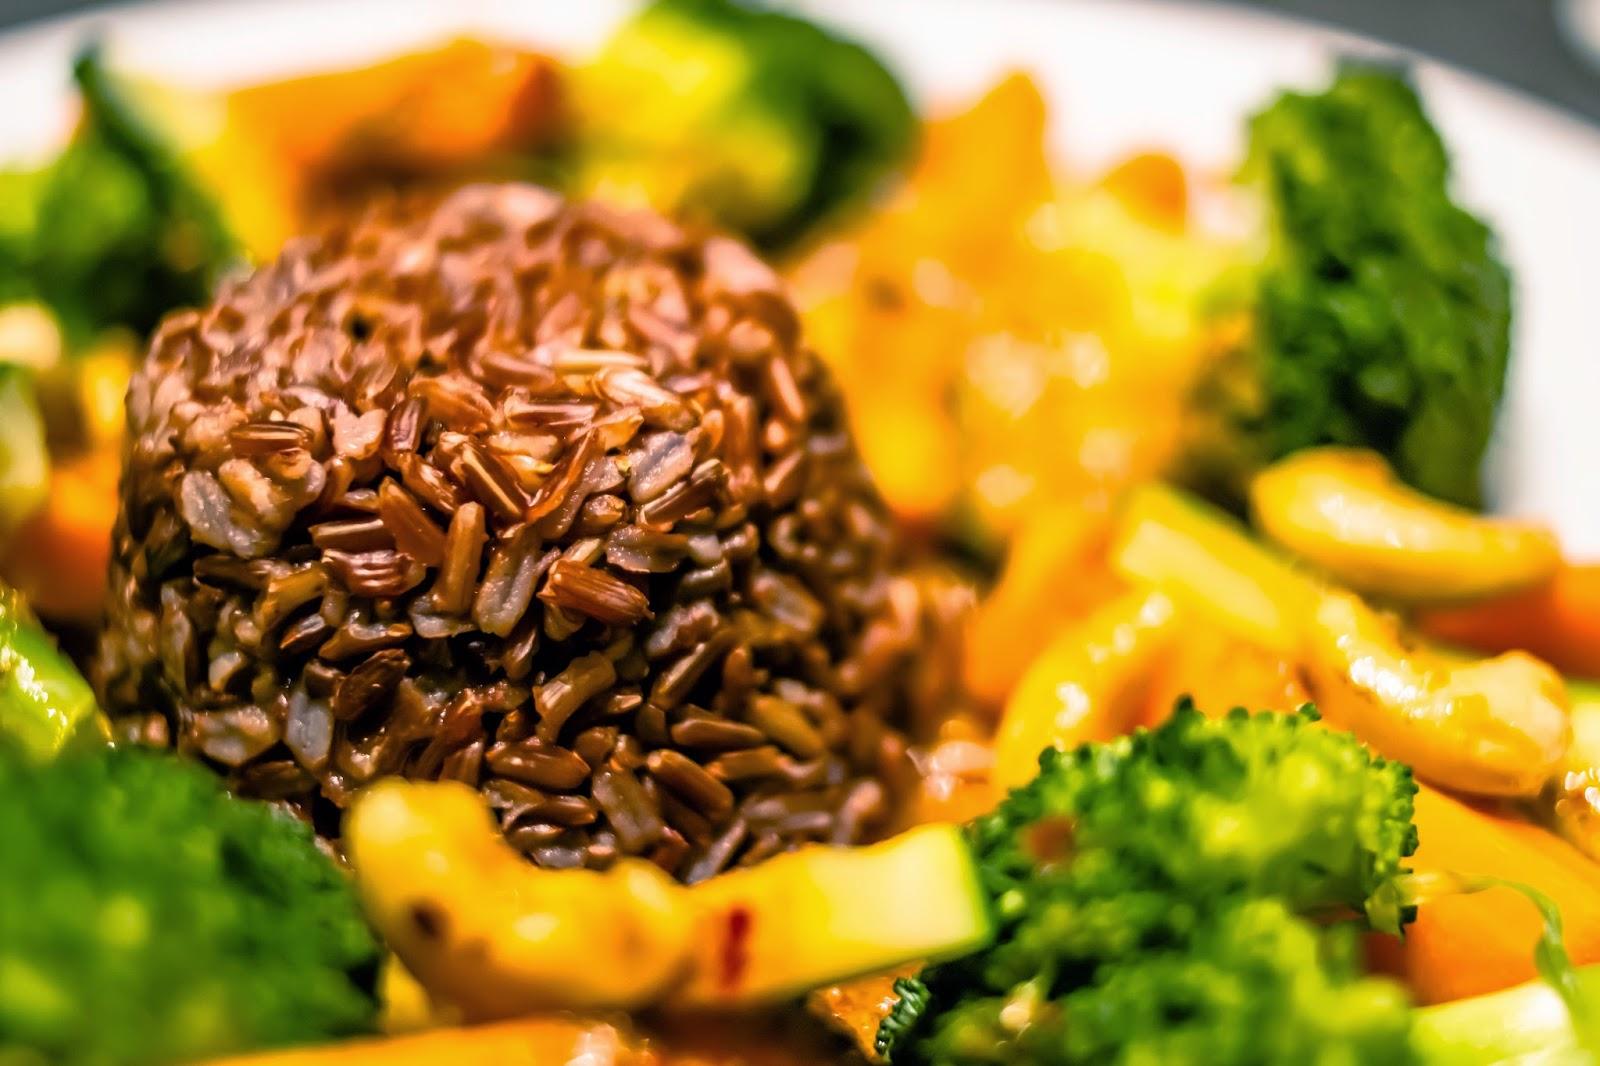 Gemüsecurry mit Karotten, Brokkoli, Zucchini und rotem Jasminreis